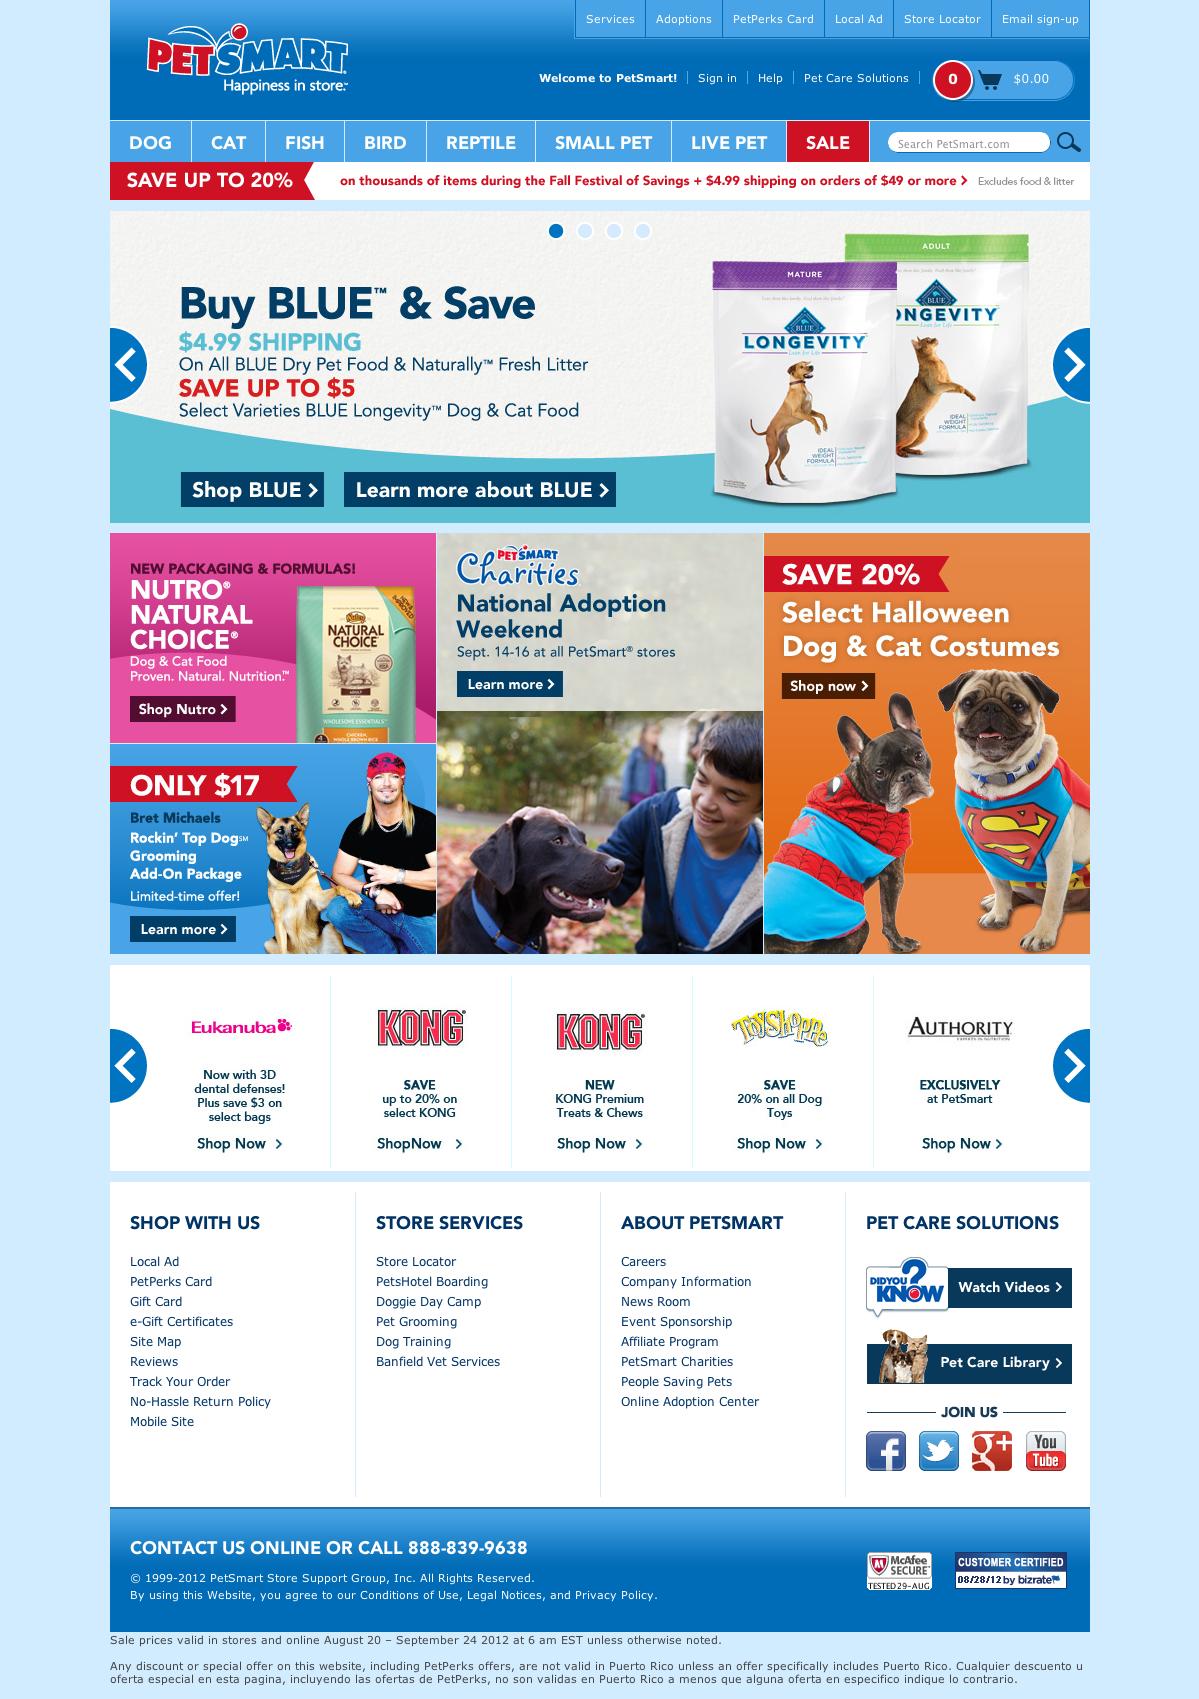 www.petsmart.com